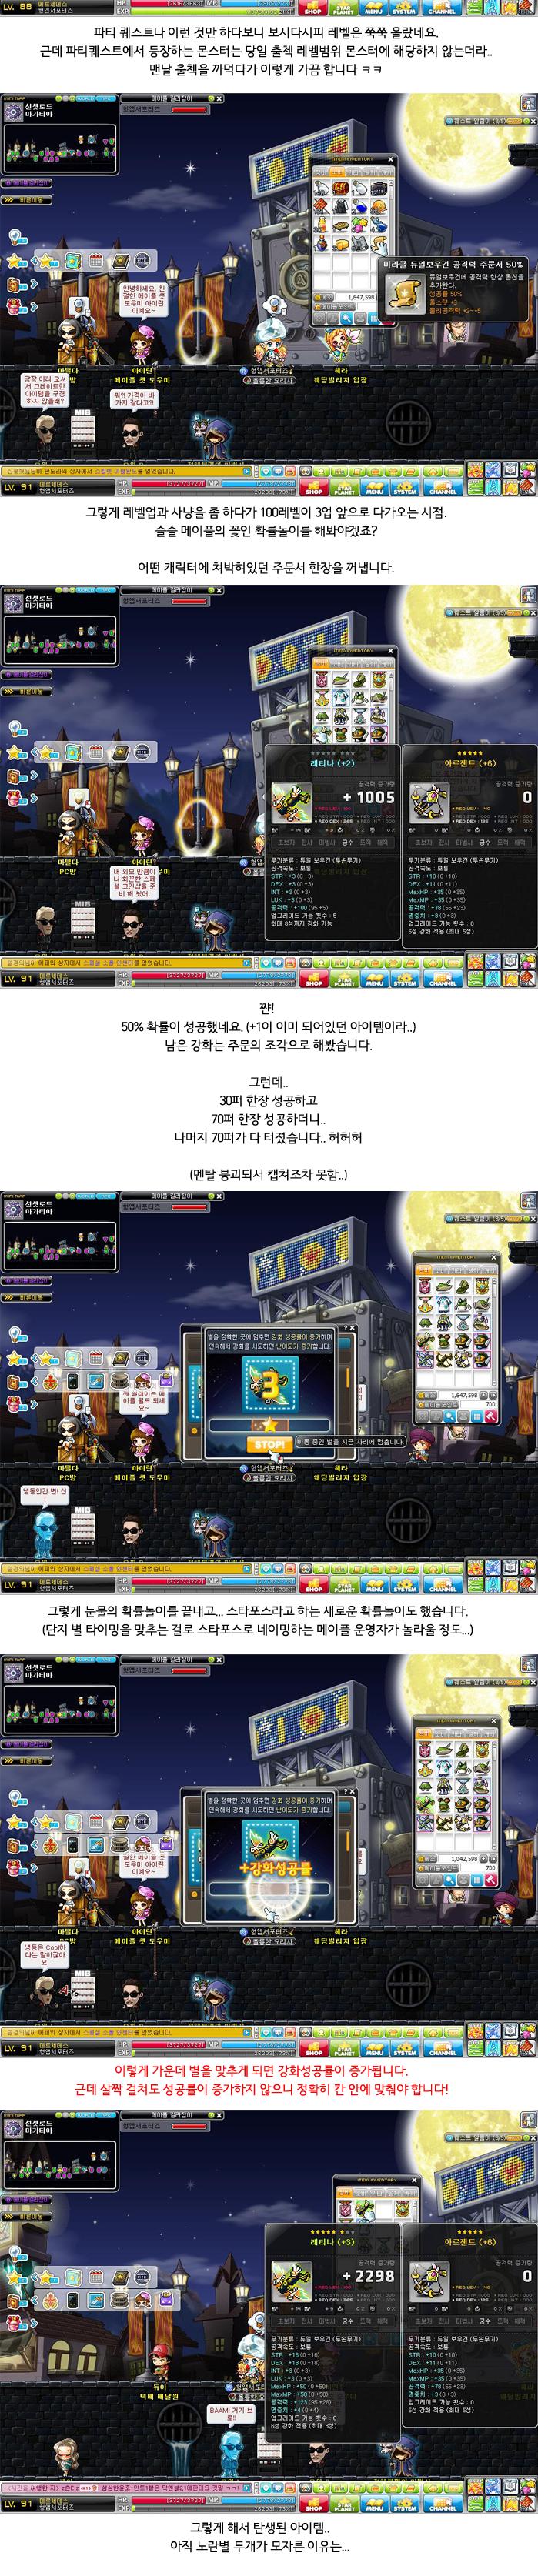 메이플 육성기3-2.png